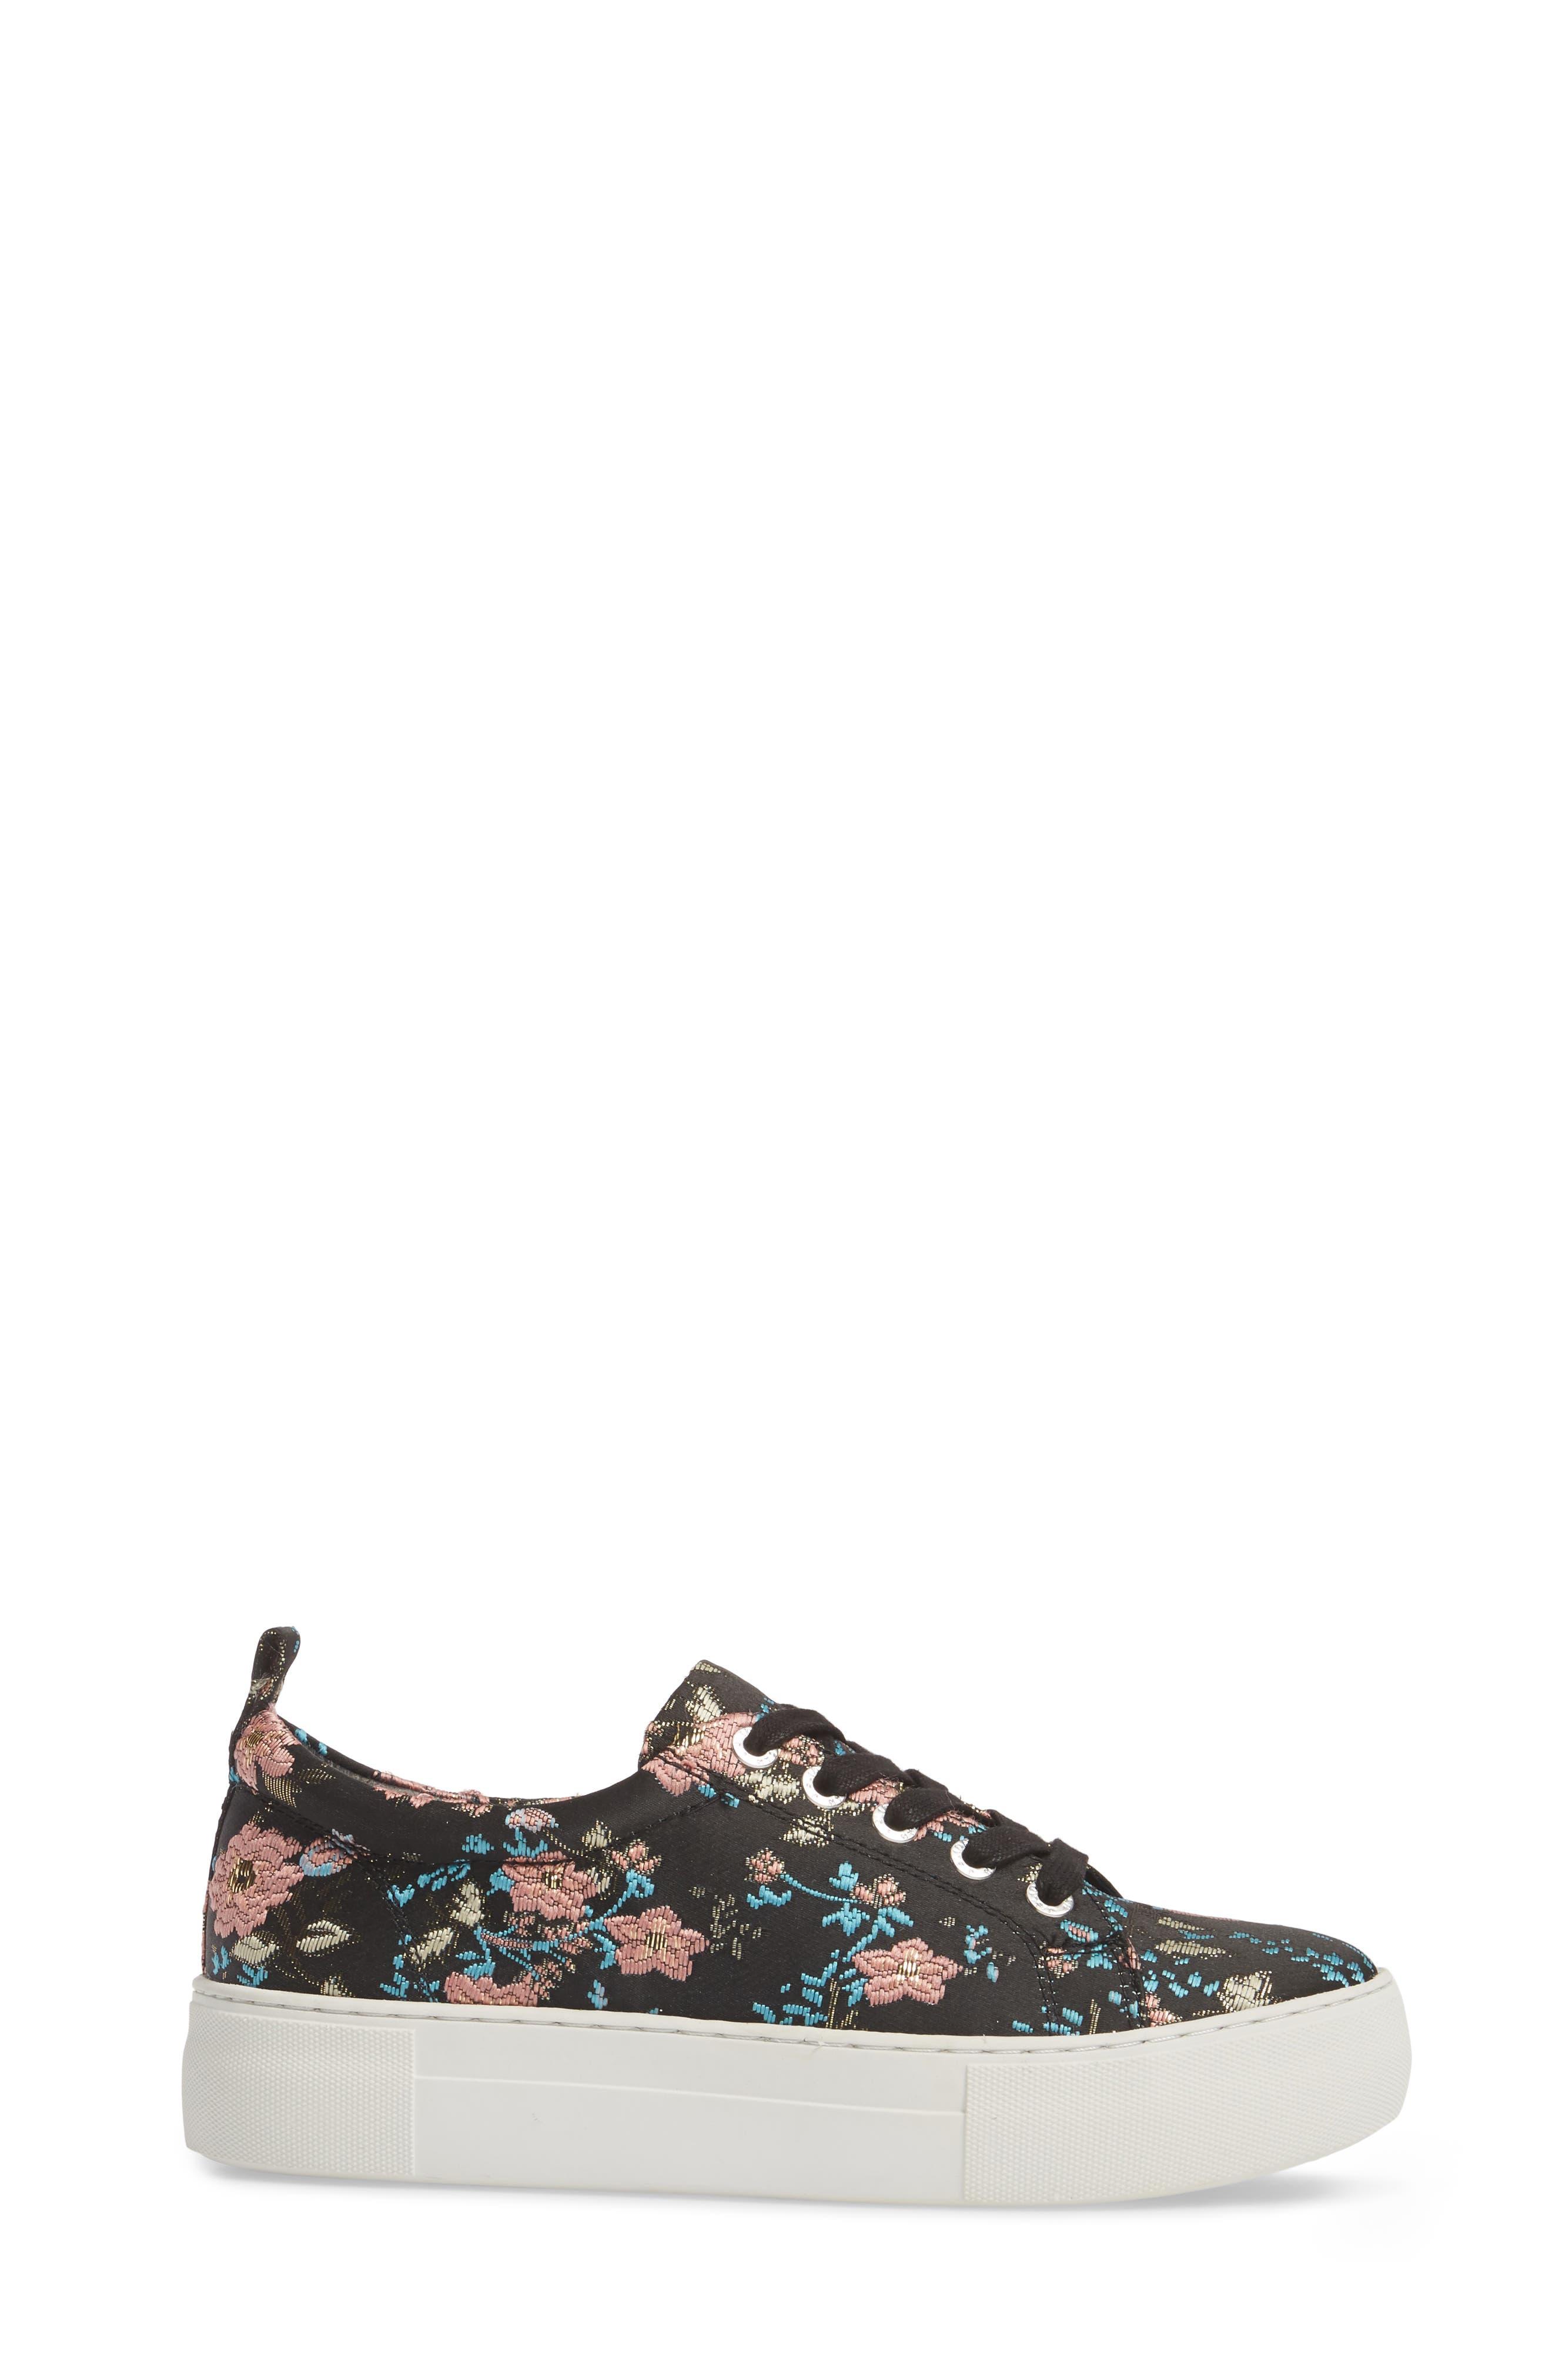 Alternate Image 3  - JSlides Assure Embroidered Platform Sneaker (Women)